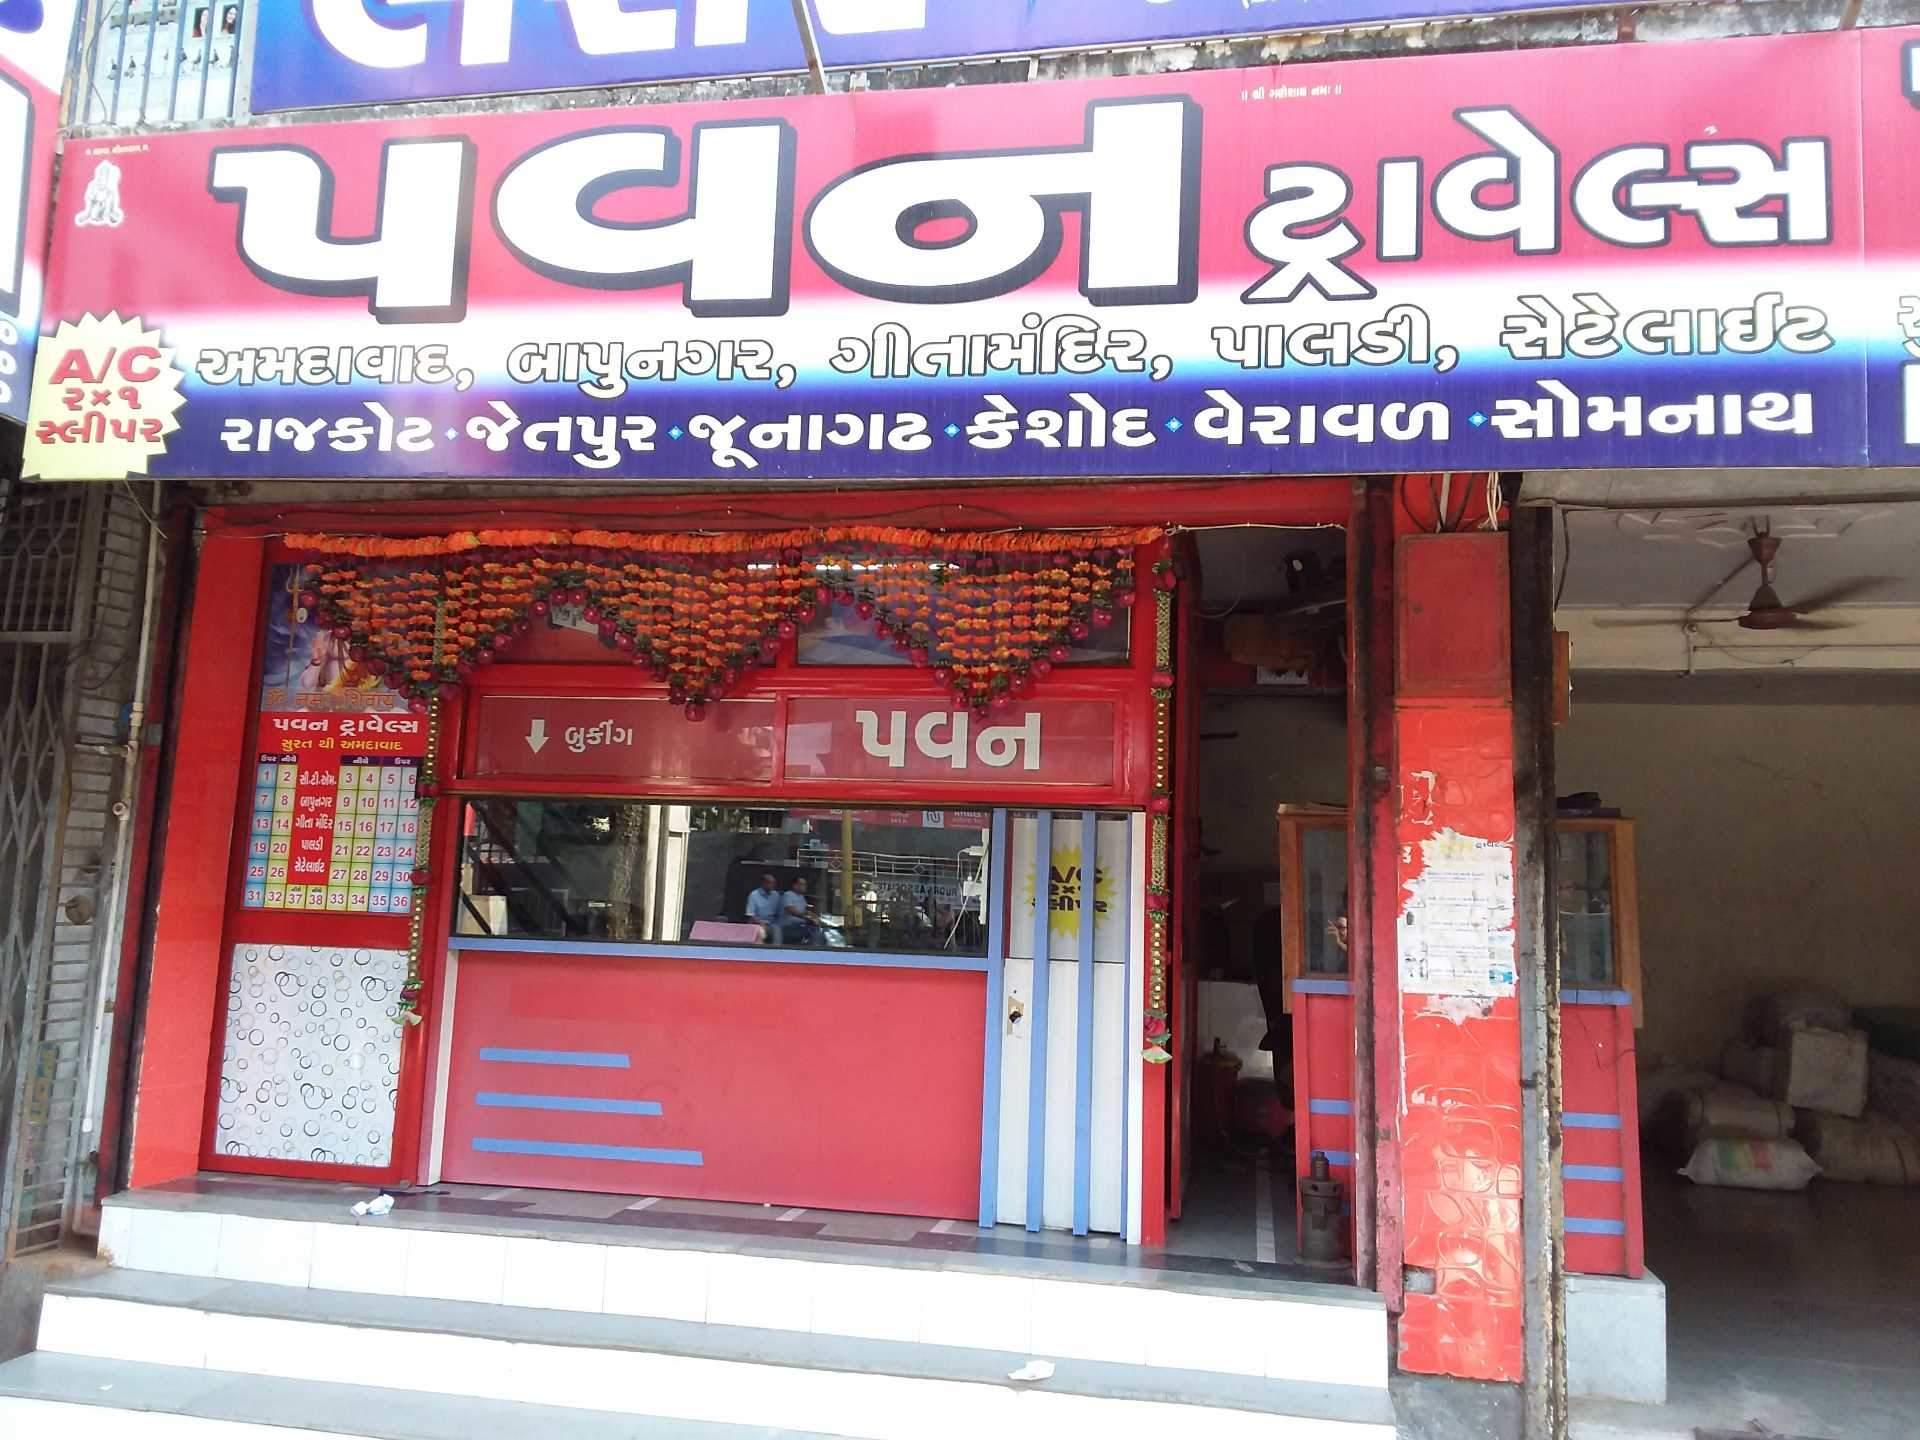 Pavan Travels, Varachha Road - Bus Services in Surat - Justdial